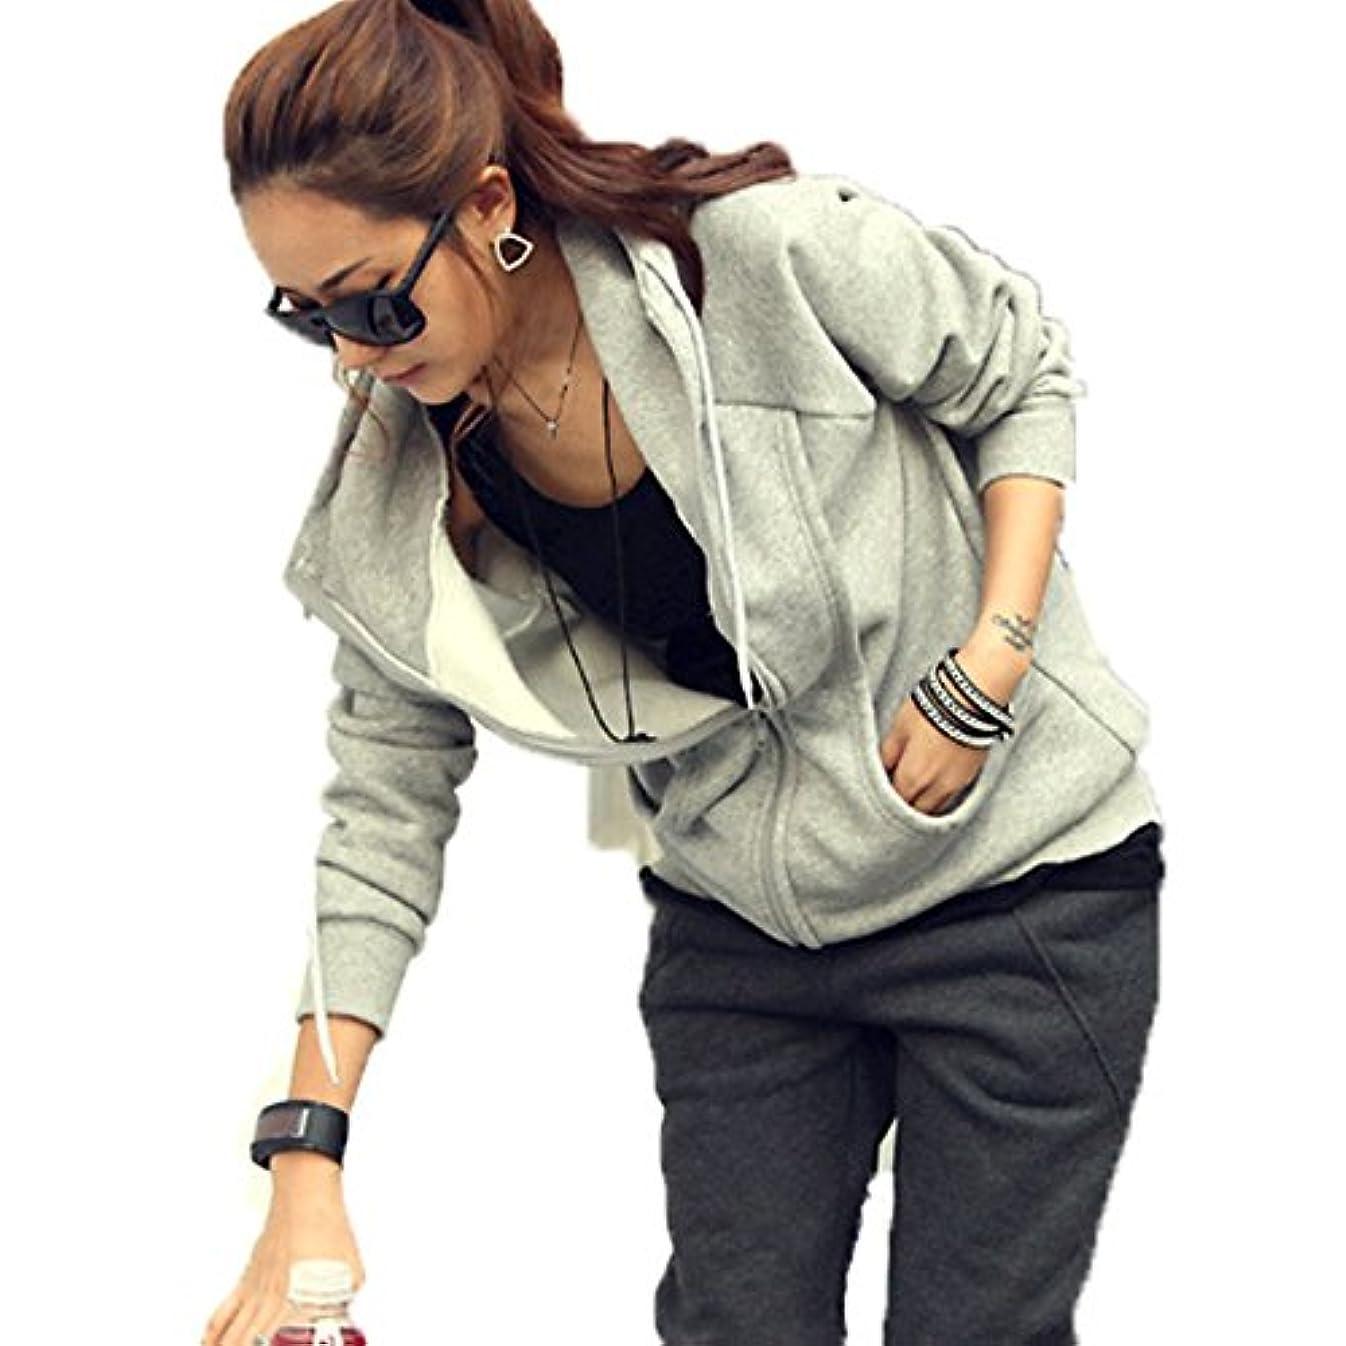 生きるオプショナル打ち負かす[ココチエ] レディース パーカー シンプル ジップアップ 綿 フード かっこいい 長袖 おしゃれ カジュアル M L XL グレー ブラック